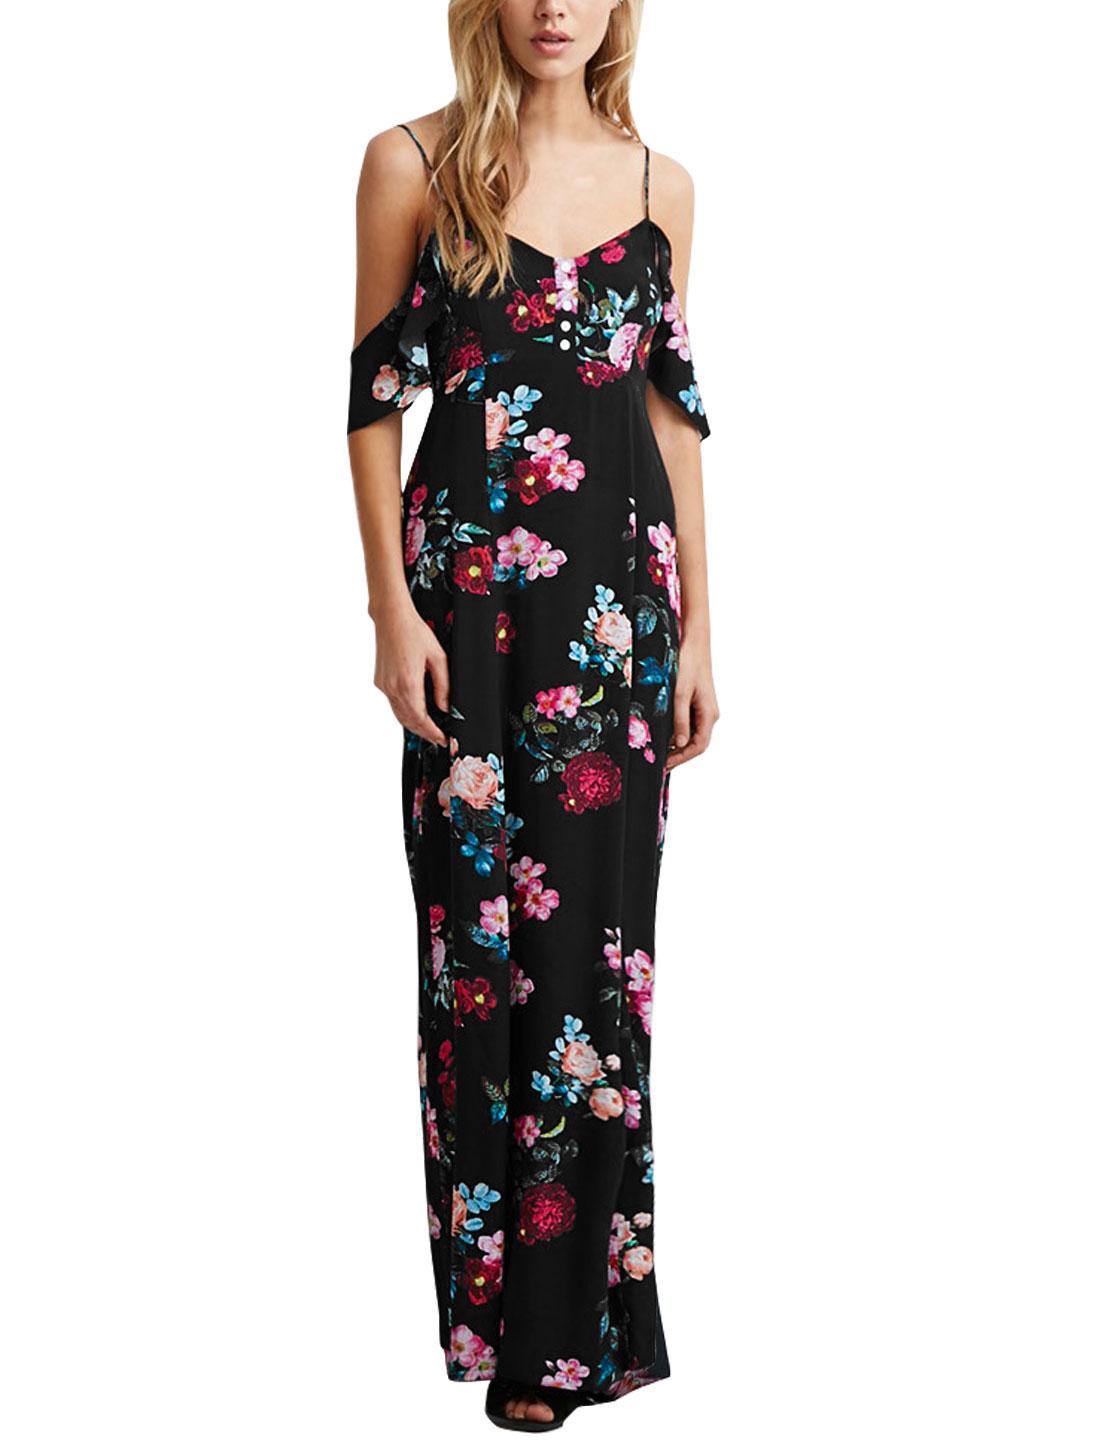 Women Straps Open Shoulder Floral Prints Maxi Dress Black S